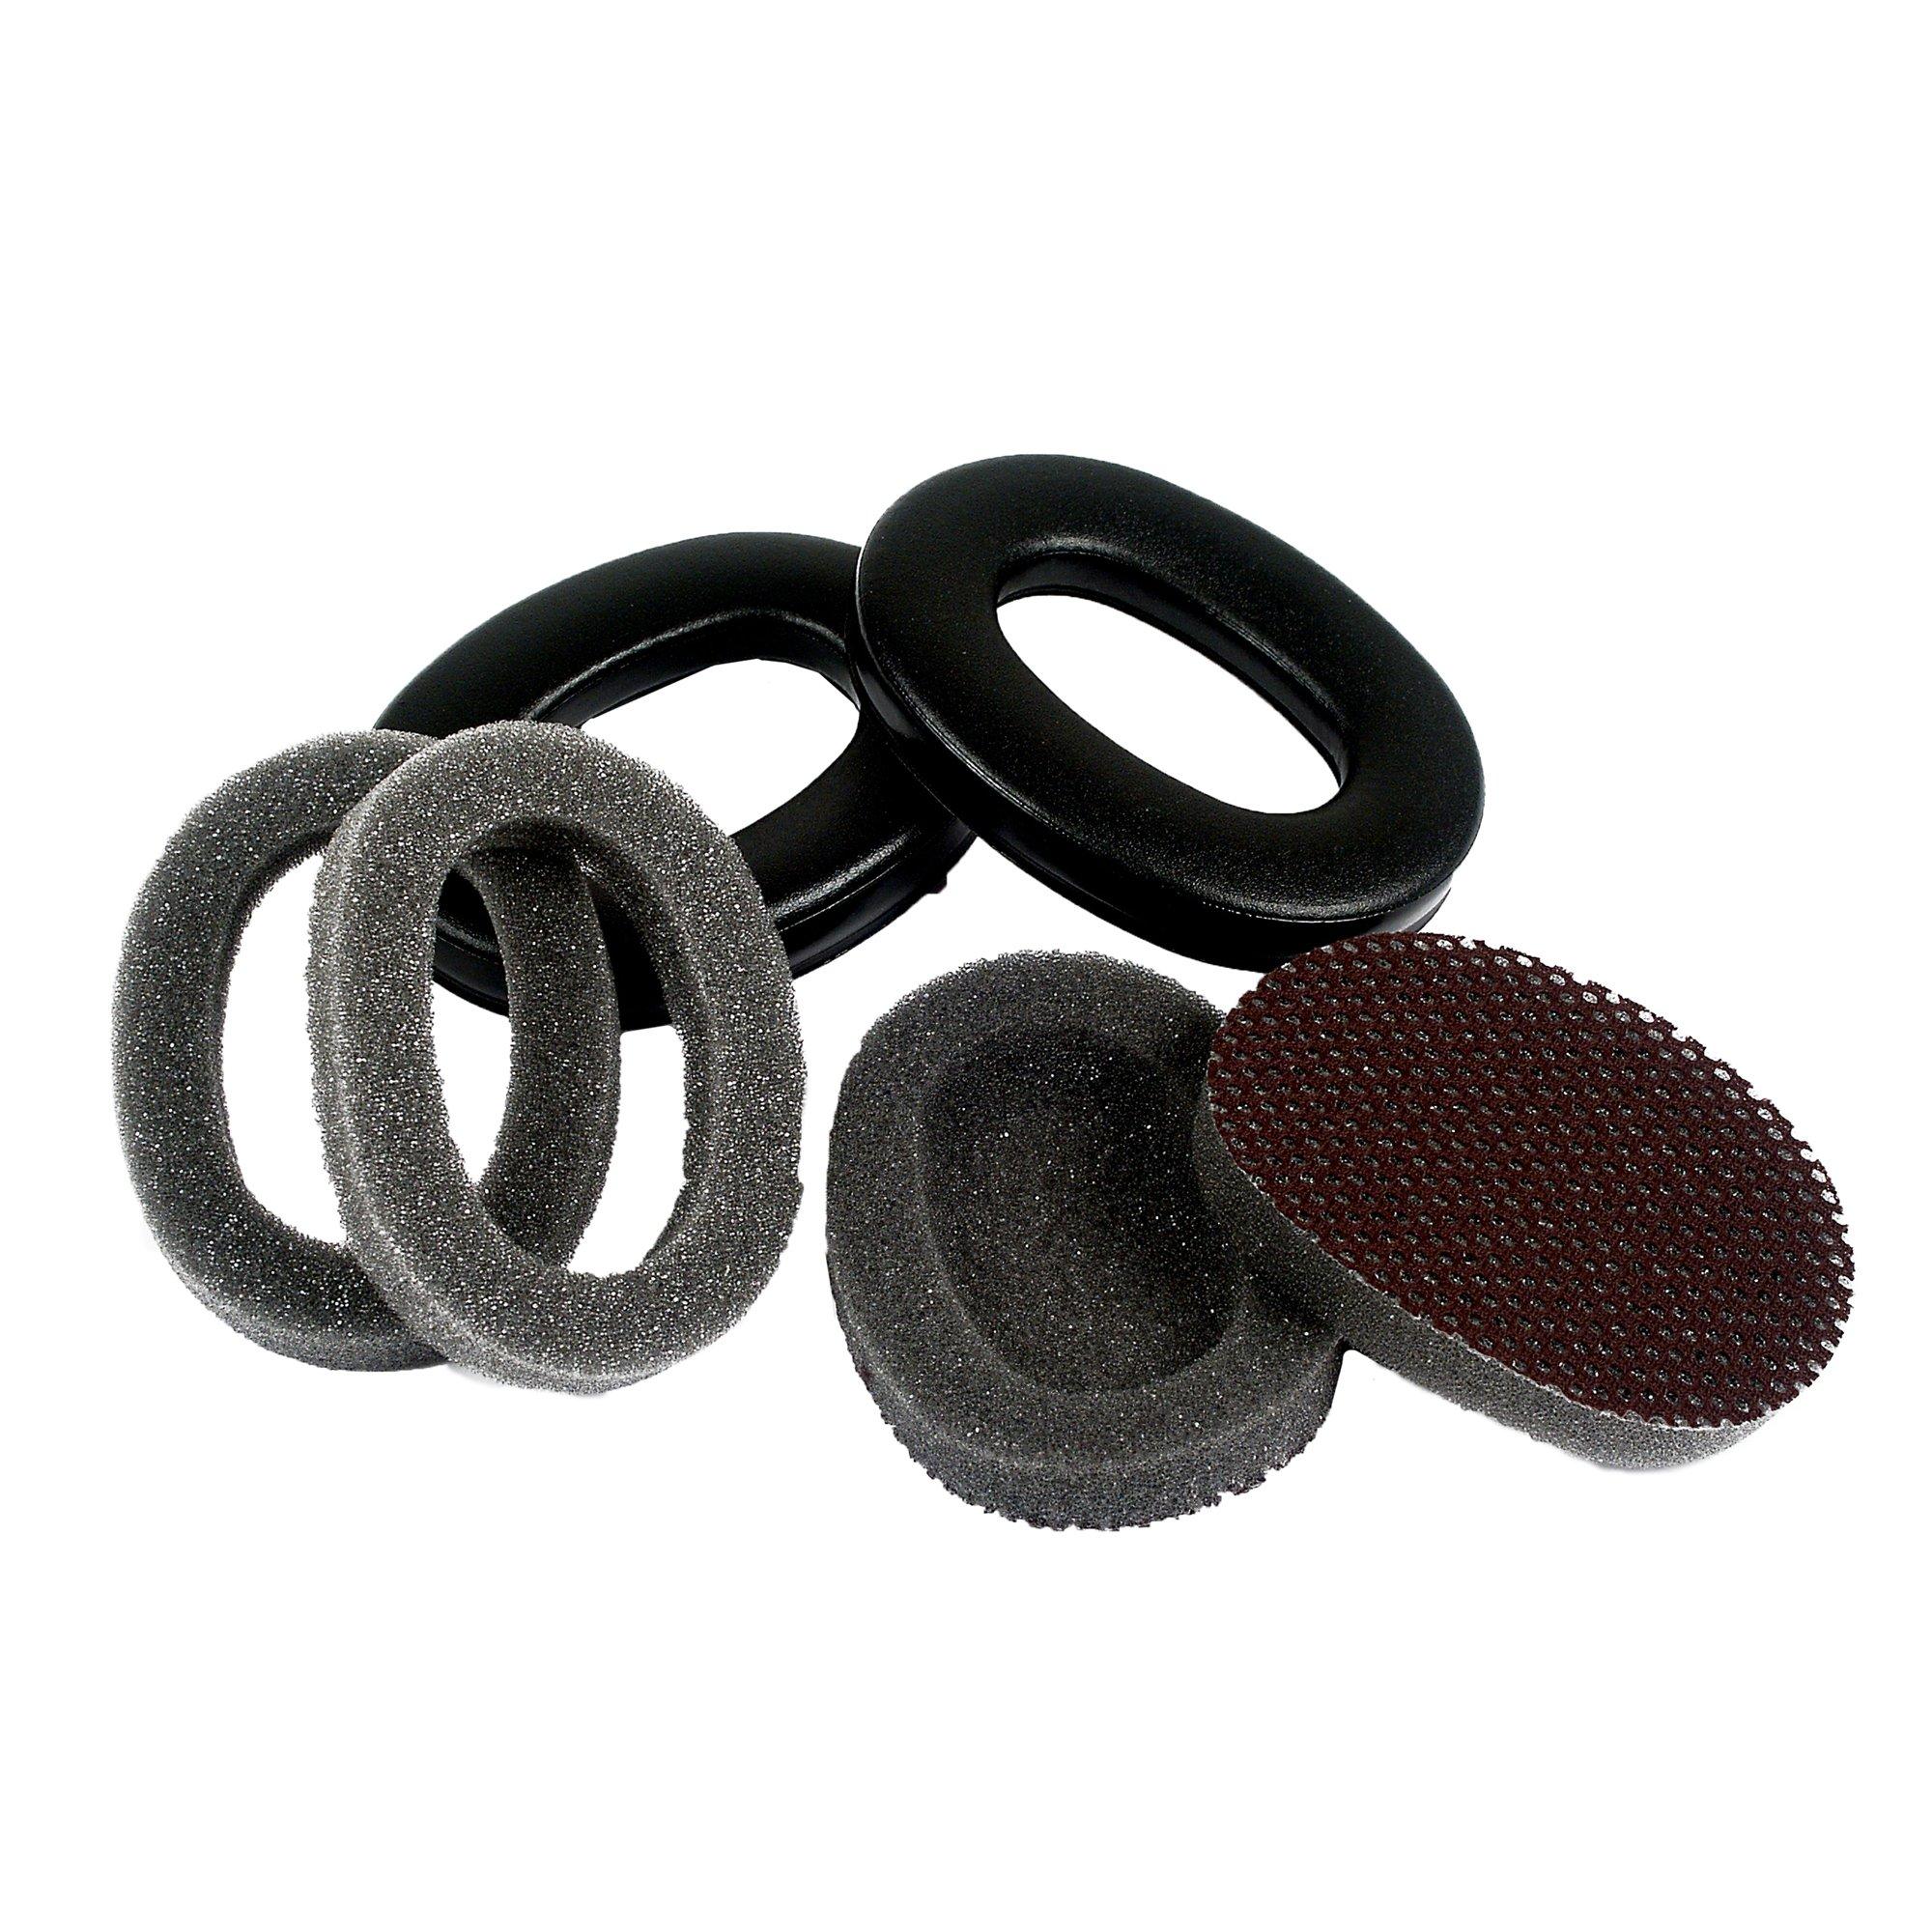 Peltor Hy79 Hygiene Kit (Black Earseals)